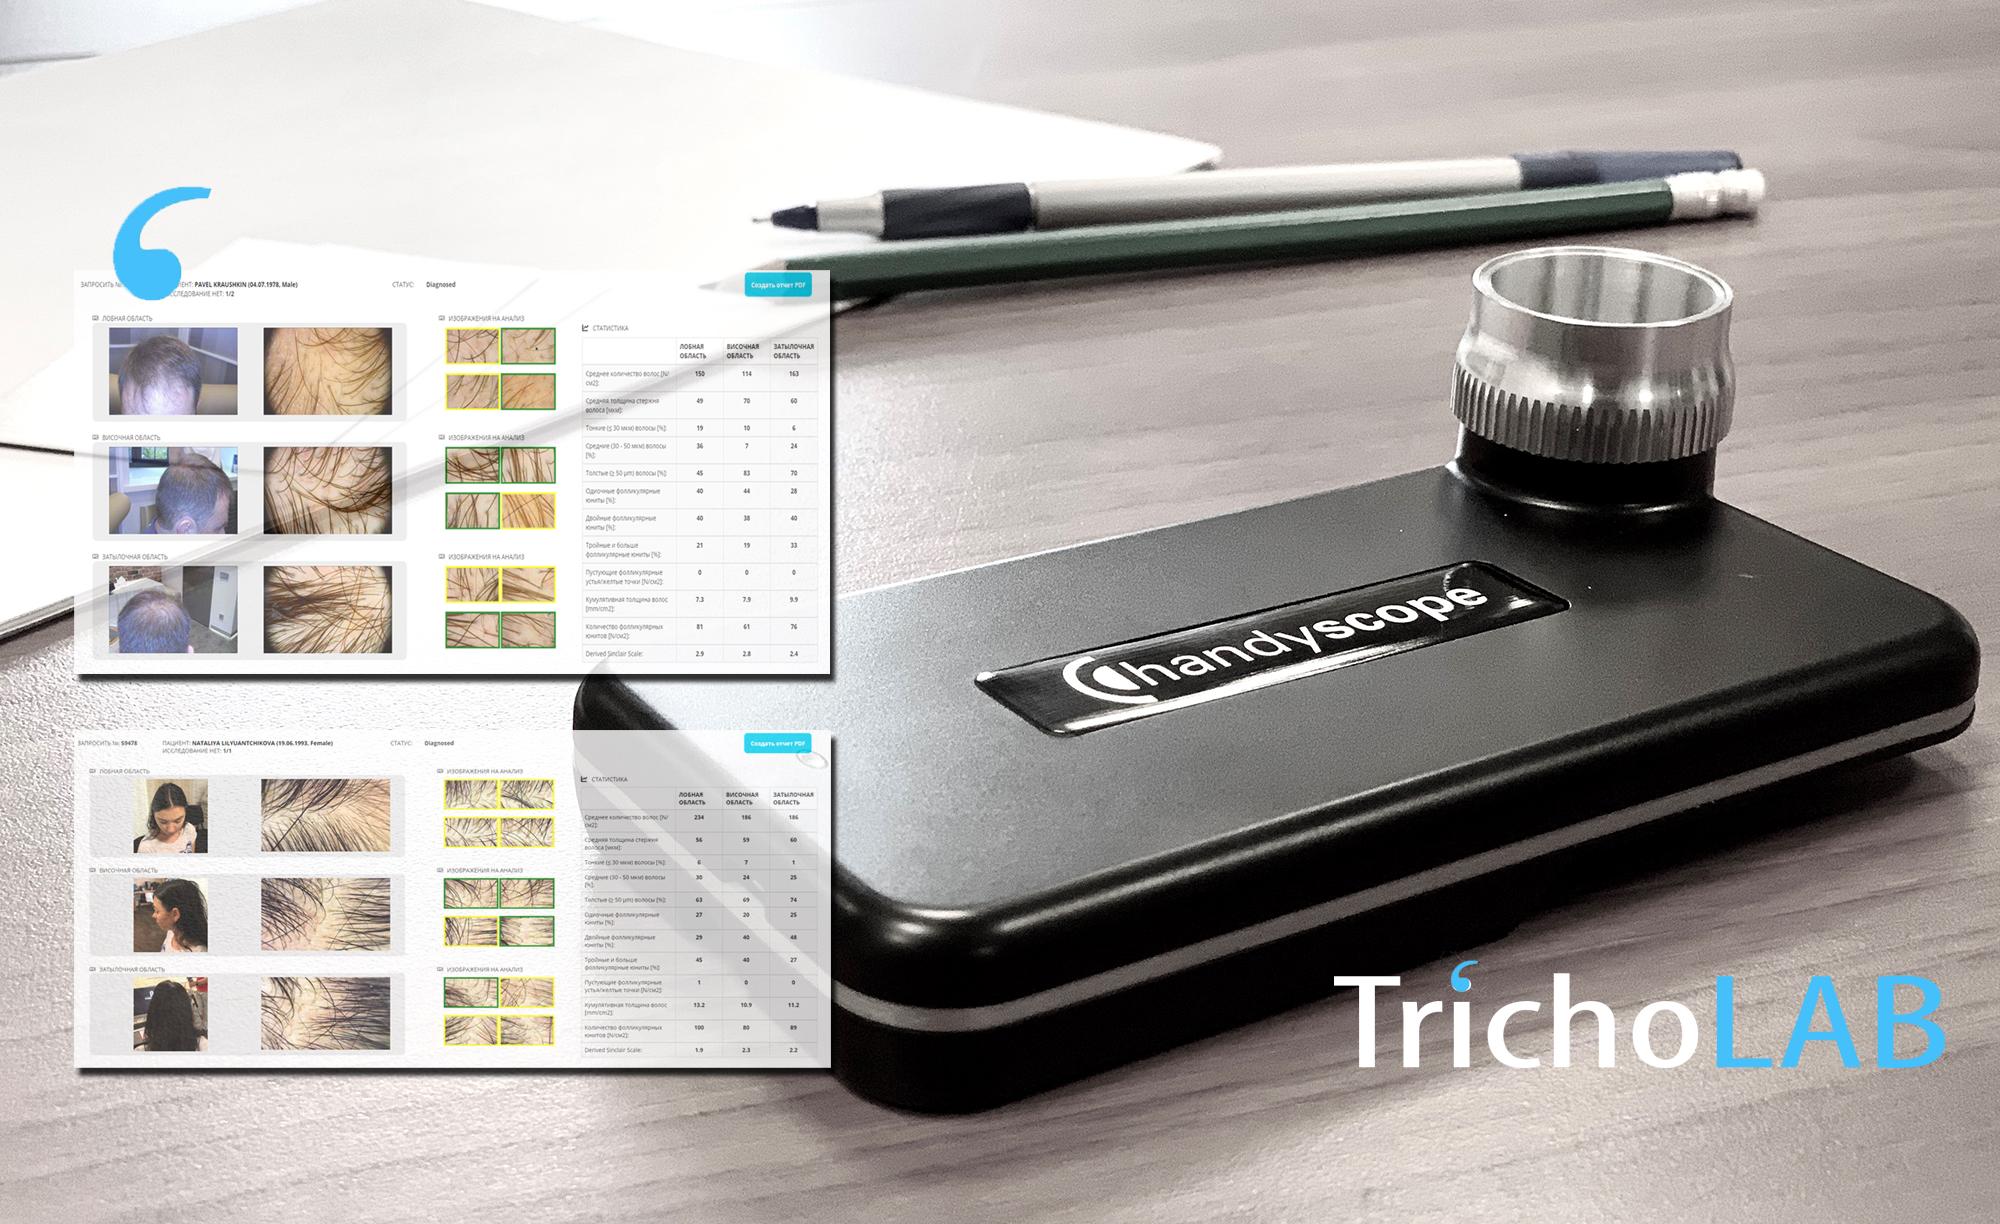 TrichoLAB - цифровой диагностический сервис для трихологов